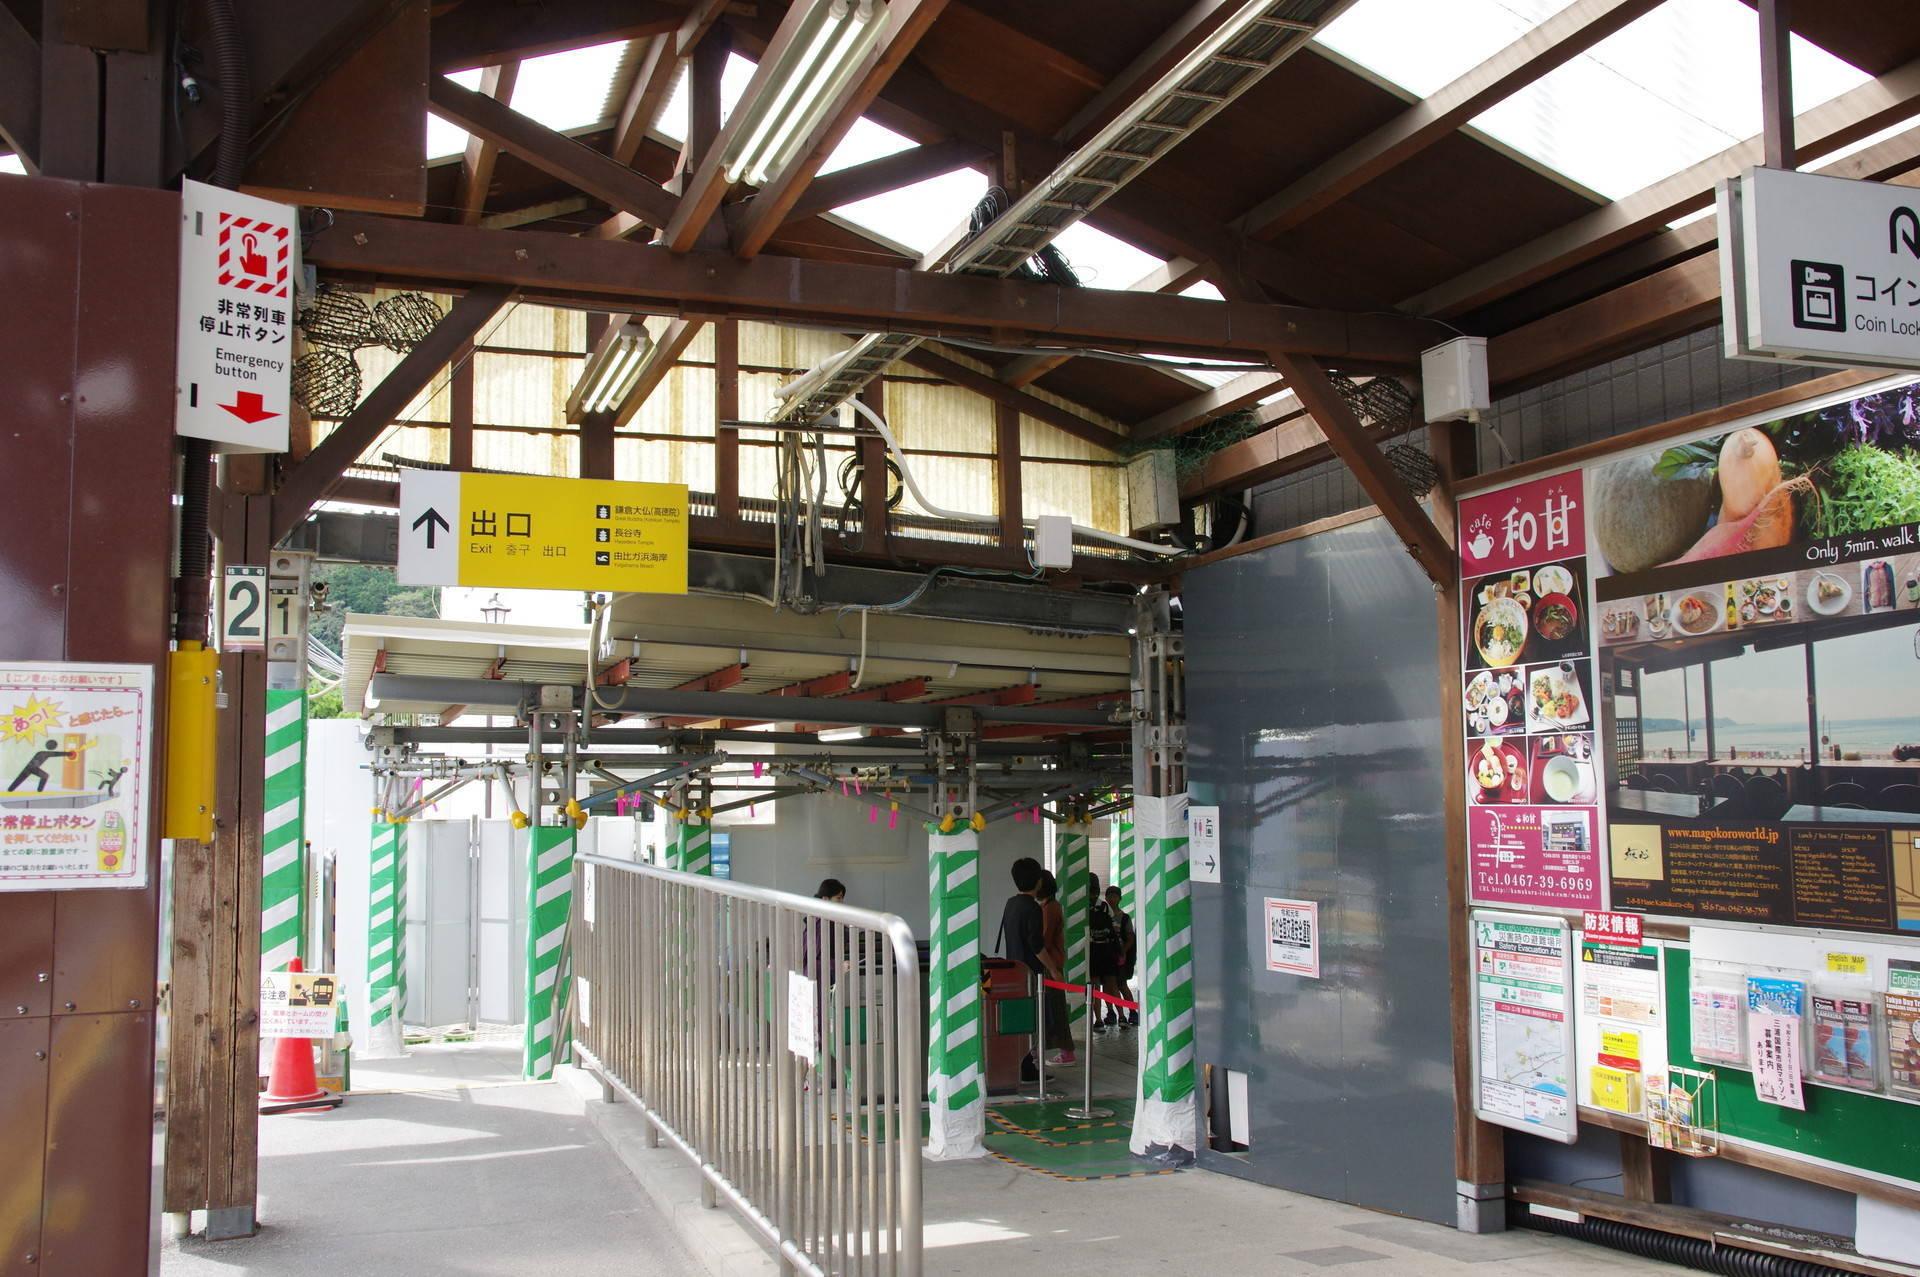 ホームと仮駅舎の接続部